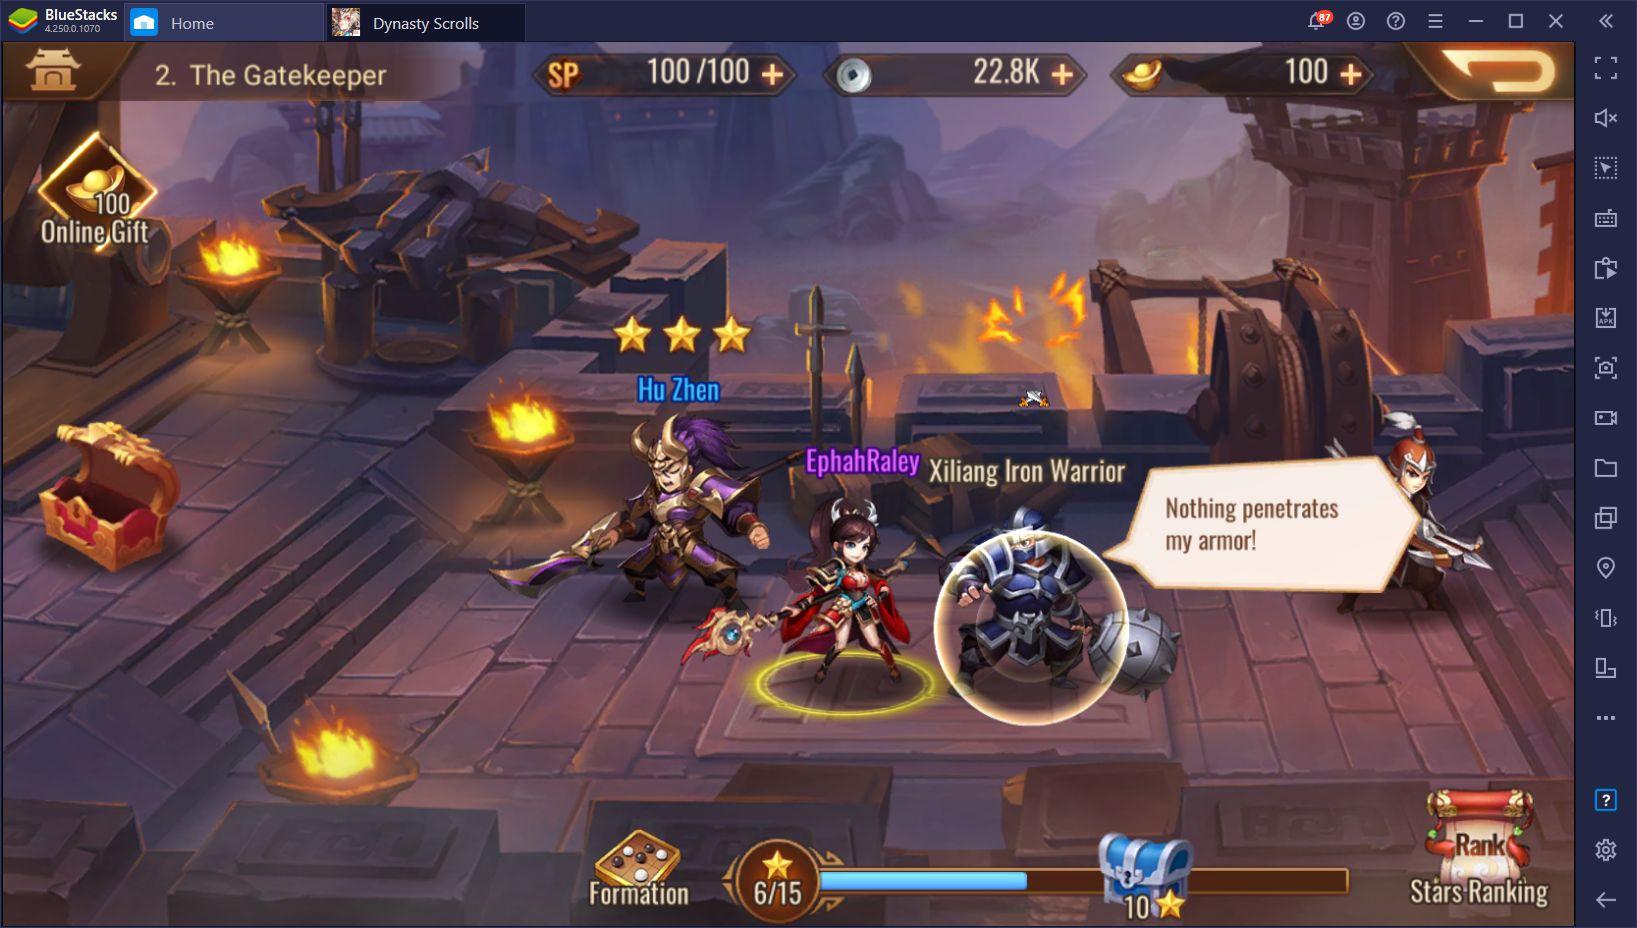 Dynasty Scrolls on PC – Installez et Jouez à ce RPG Idle sur Votre Ordinateur avec BlueStacks